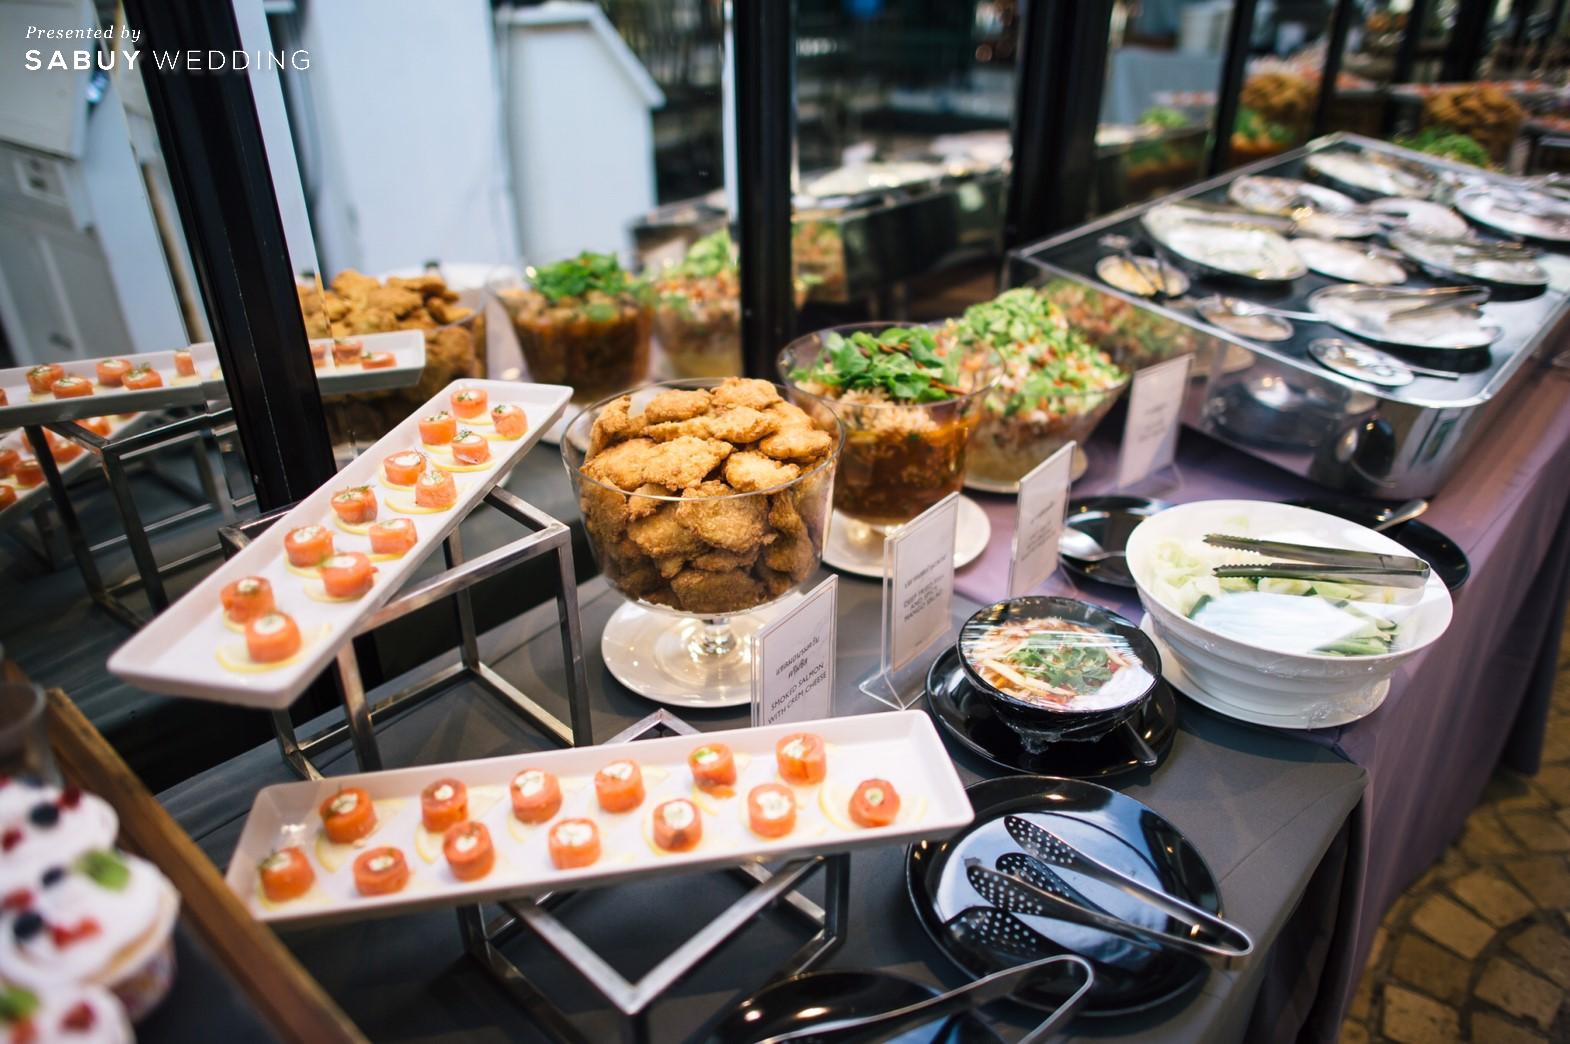 อาหารงานแต่ง รีวิวงานแต่งสวยวิ้ง ฟรุ้งฟริ้งฉบับงาน Customize @ Hotel Once Bangkok